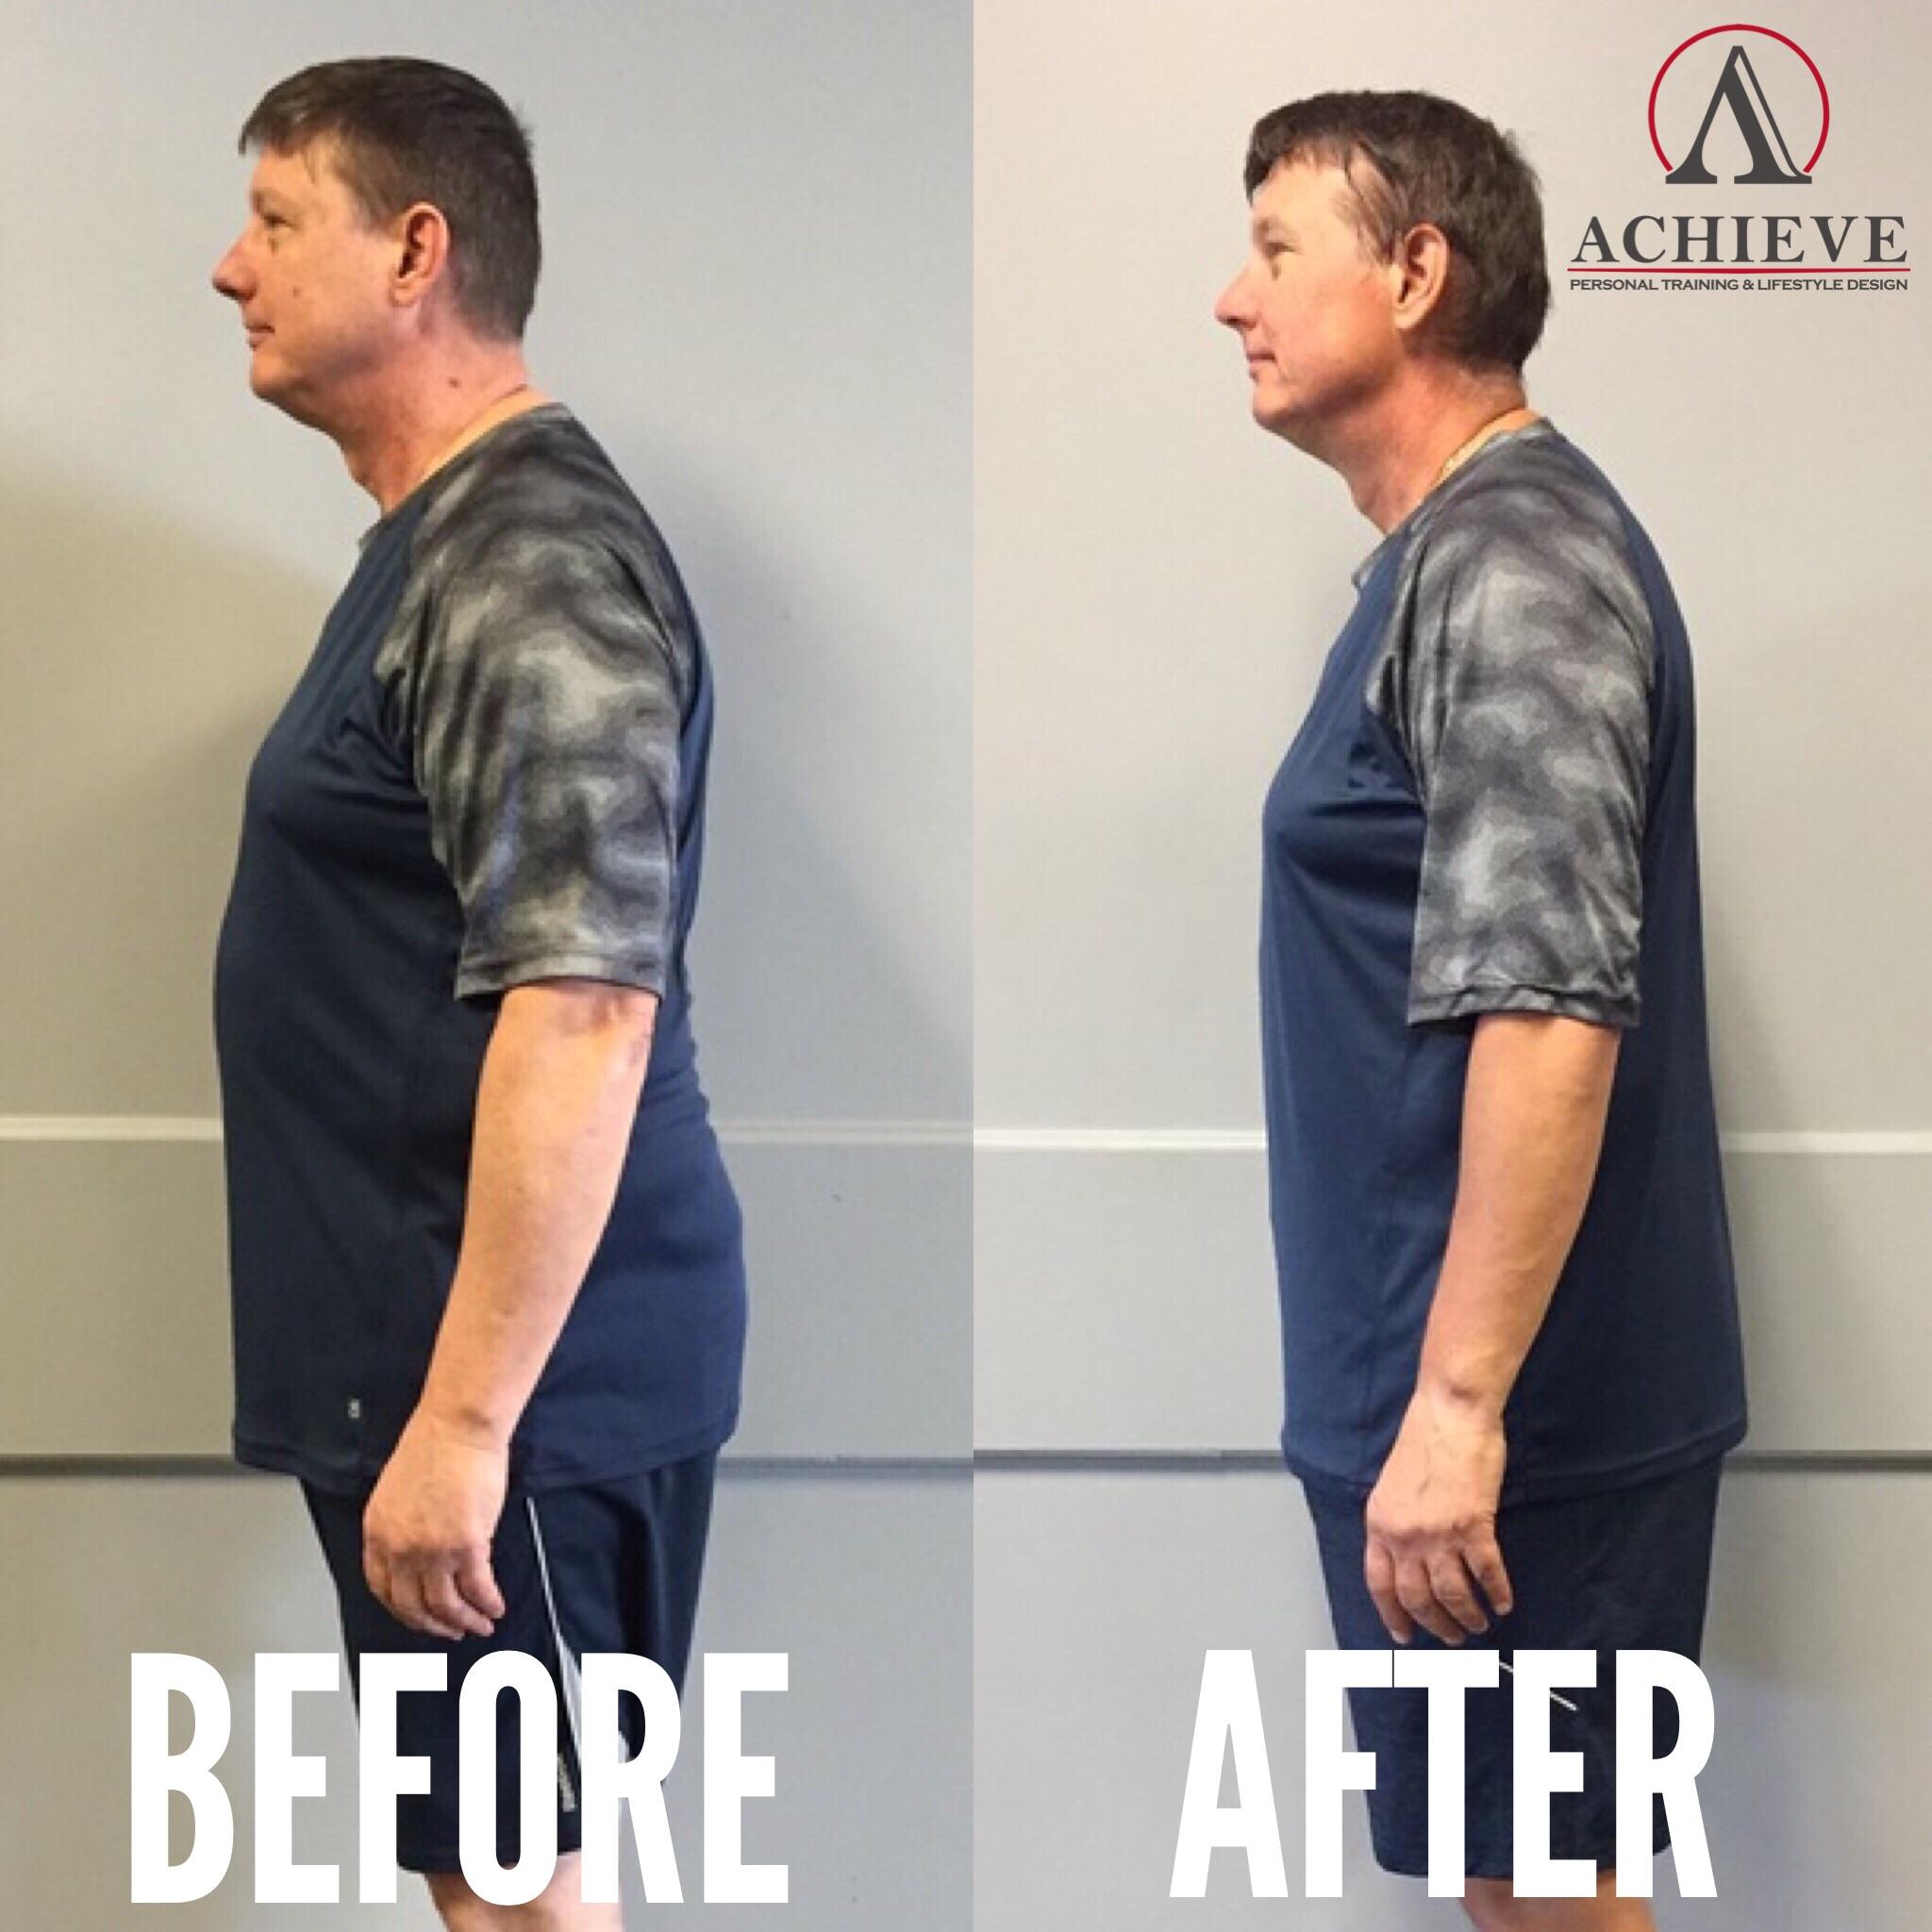 Steve Lost 30 lbs!